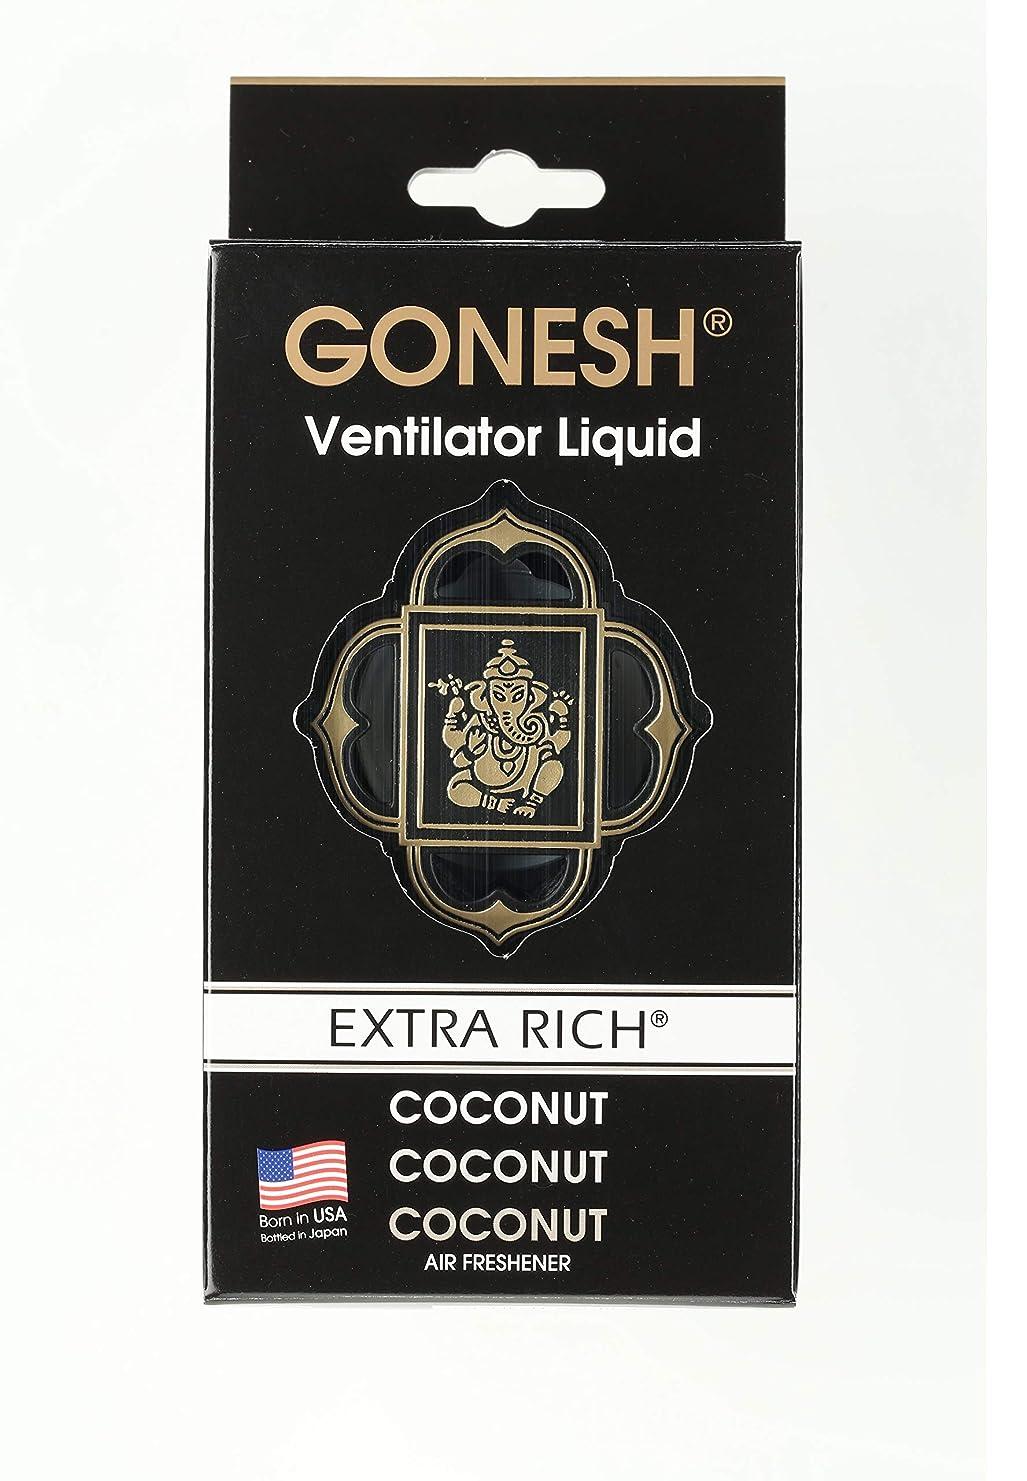 法王乗り出すブレークGONESH(ガーネッシュ)ヴェンティレーターリキッド ココナッツ(ココナッツの香り)